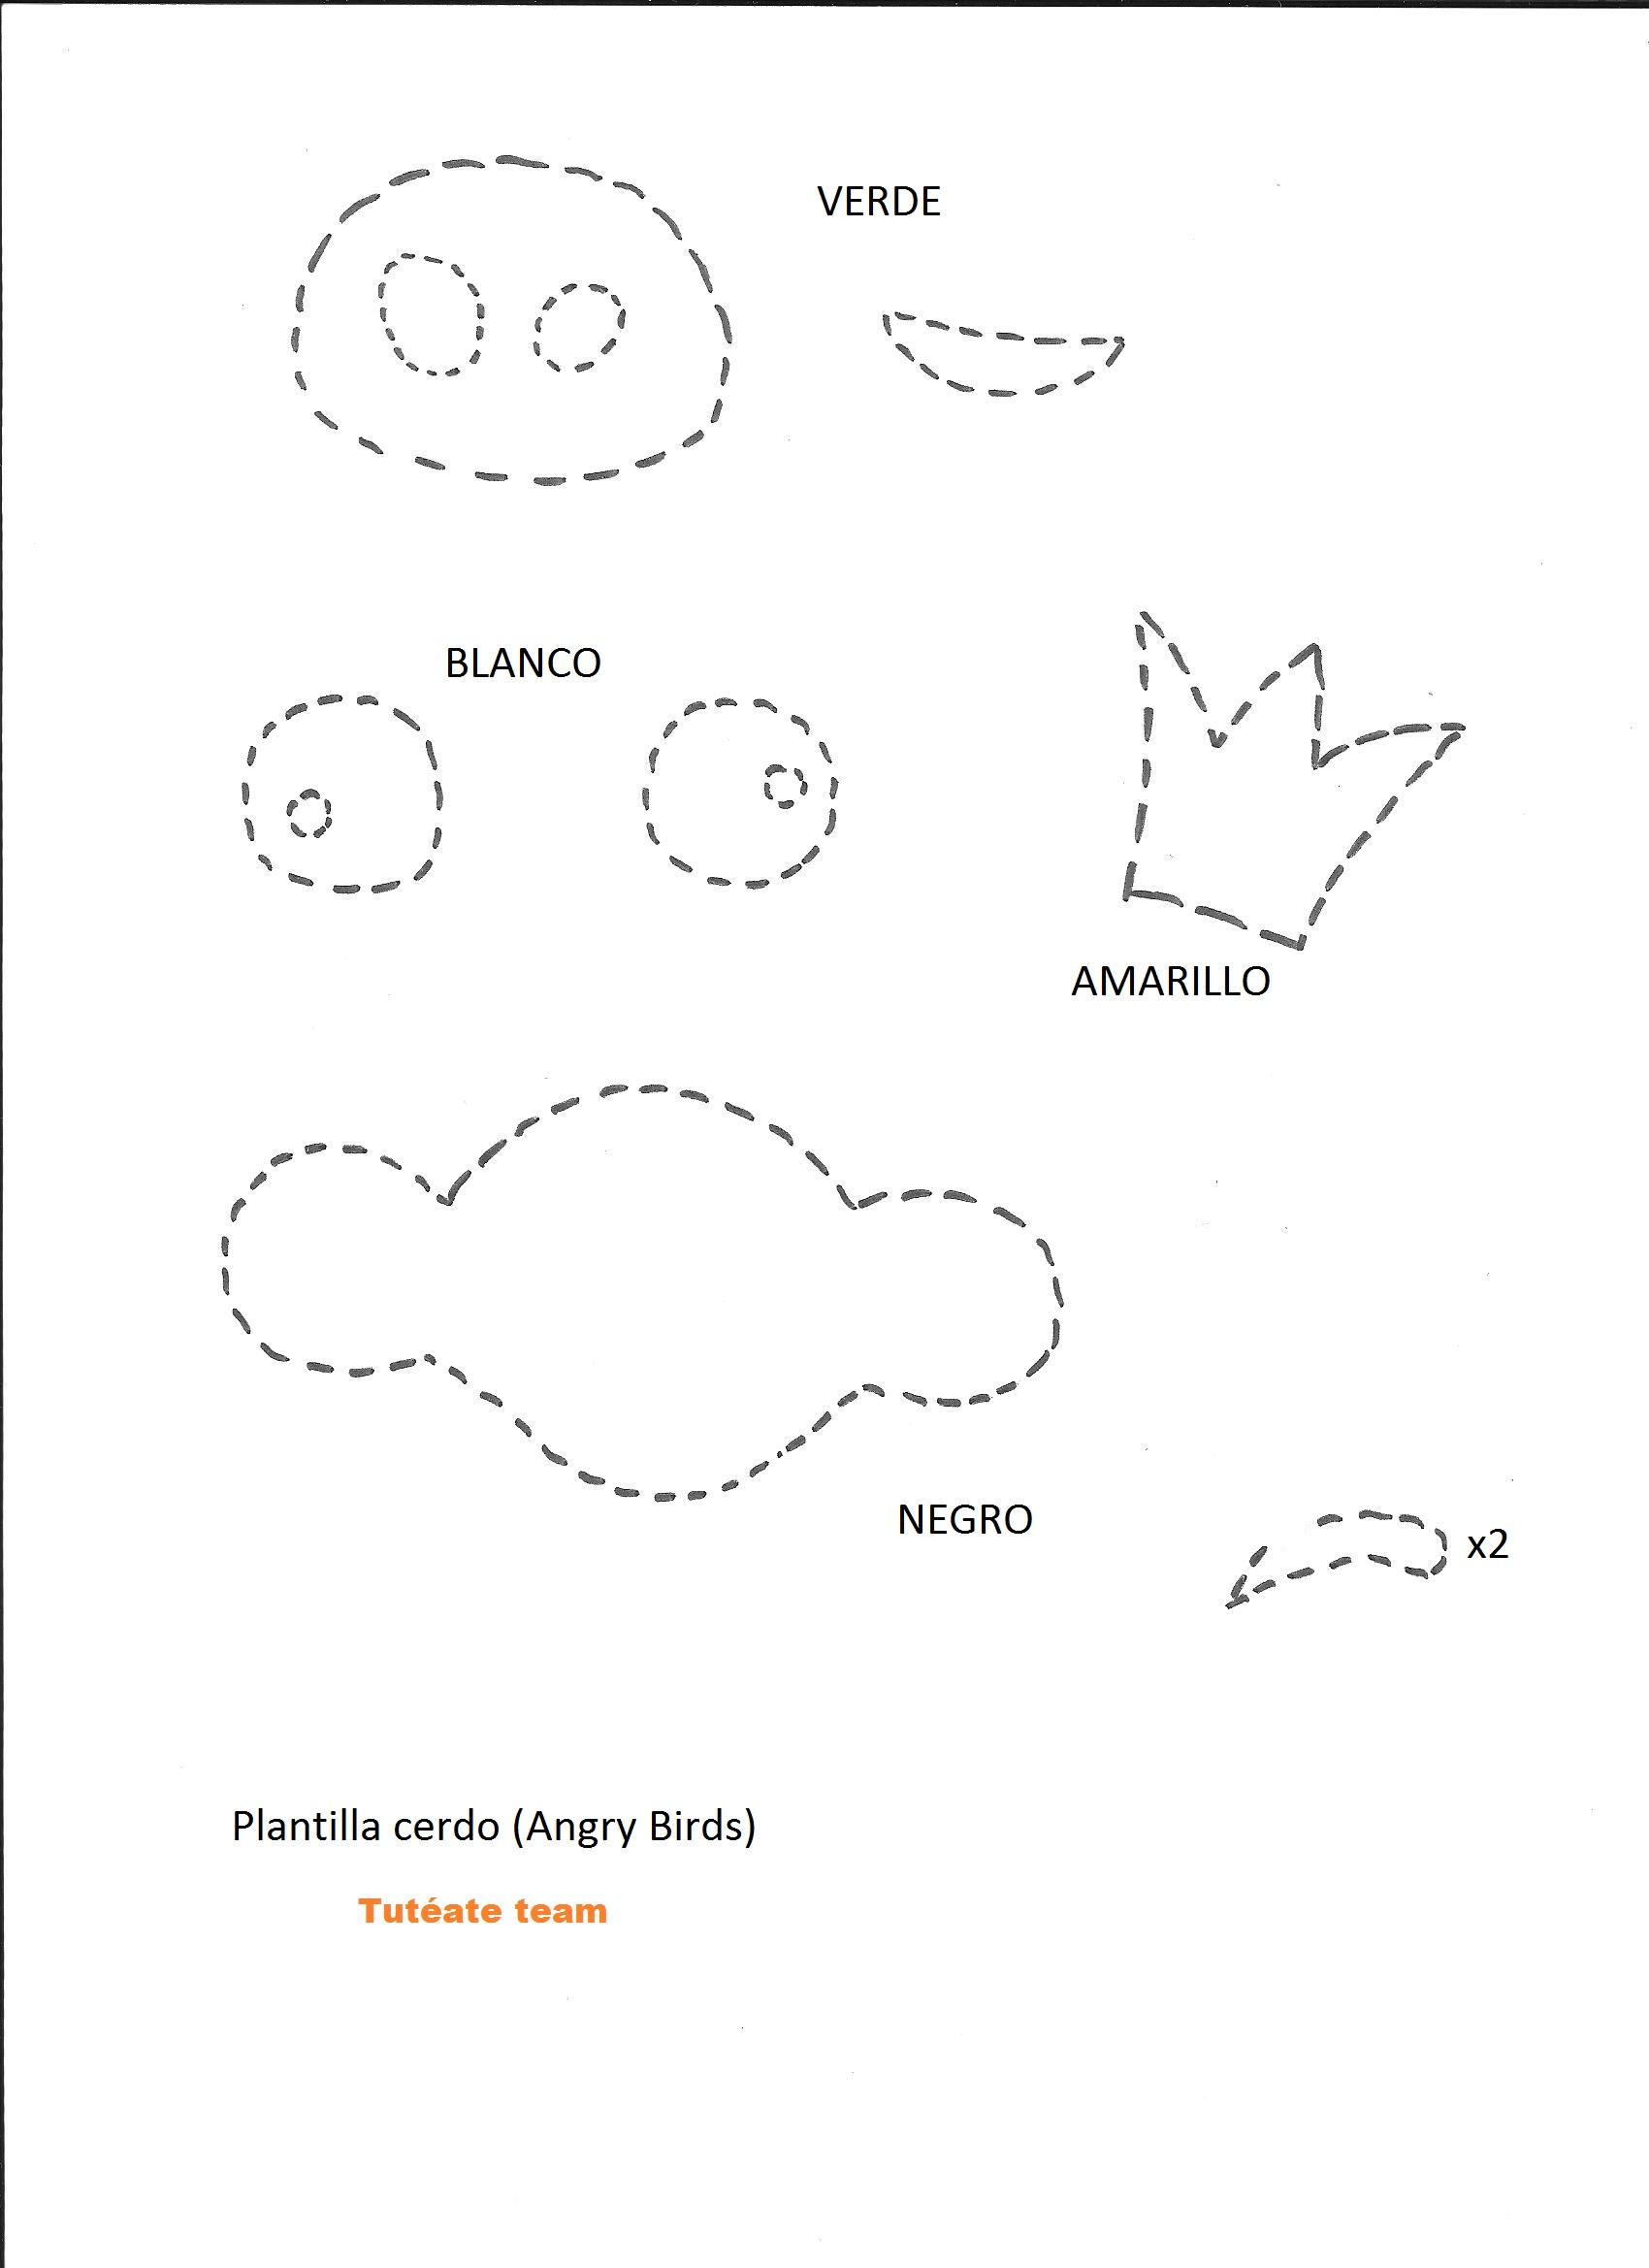 Vistoso Plantillas De Cerdo Regalo - Ejemplo De Colección De ...